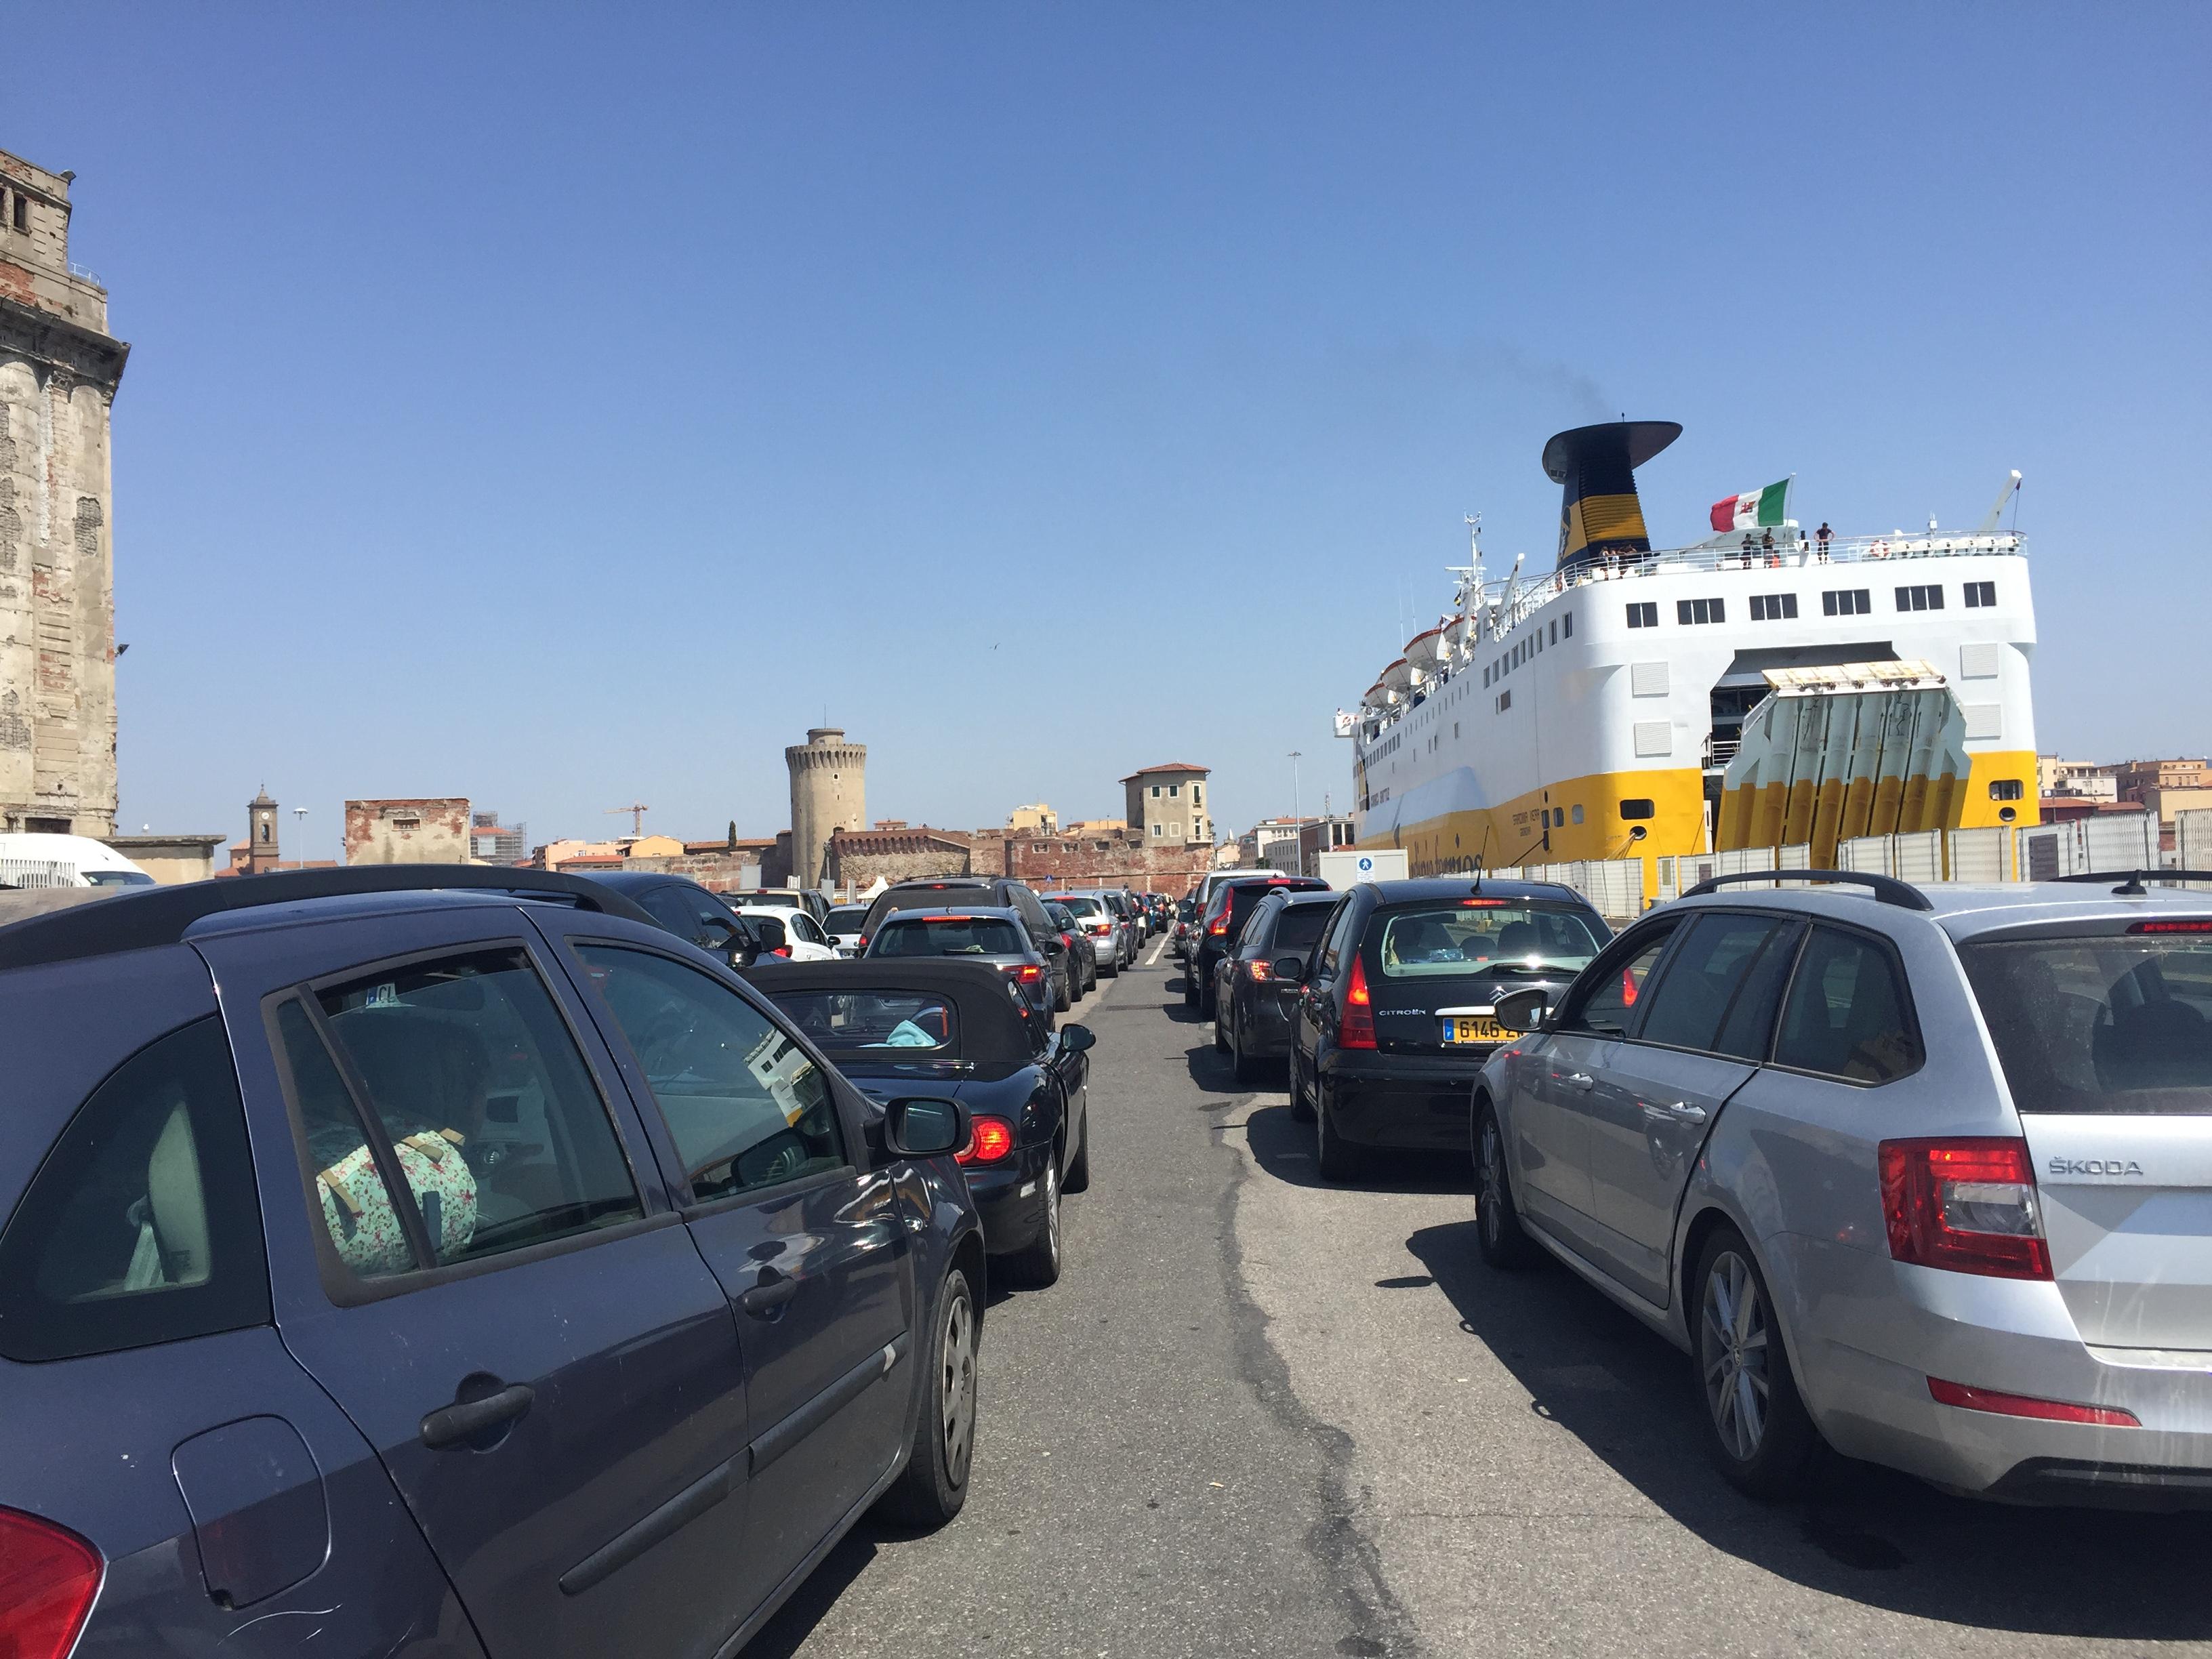 Livourne véritable port-passoire : Contrôles des identités, des bagages et des voitures rares